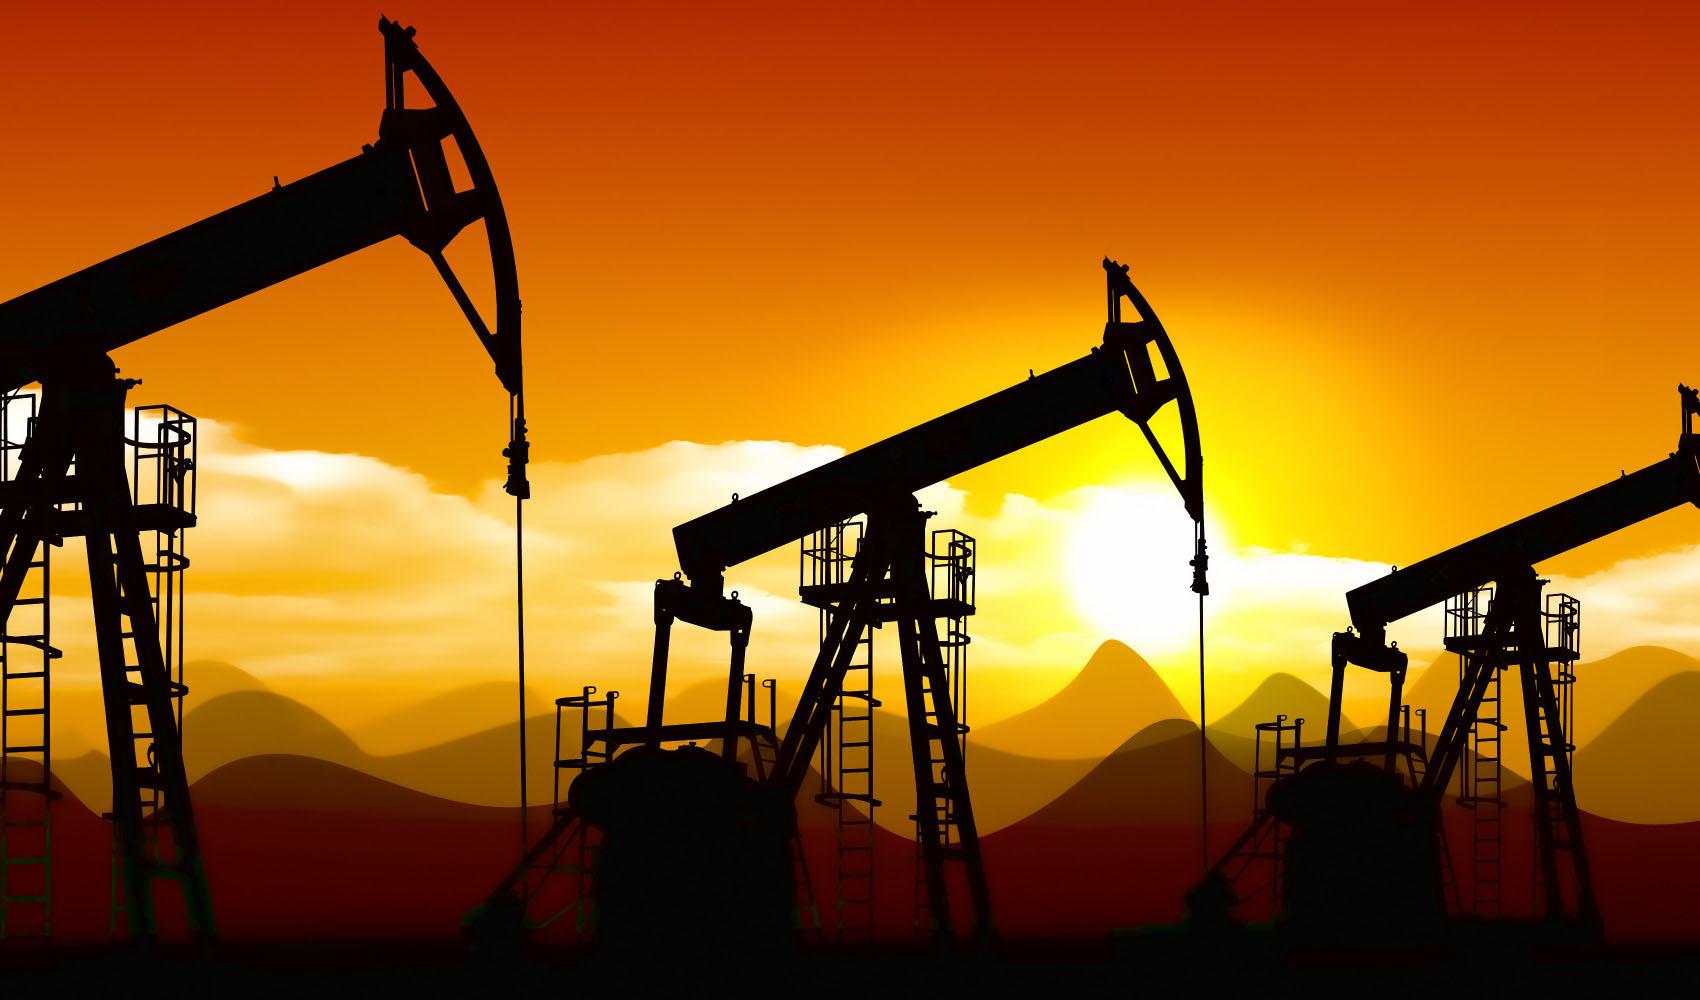 مهمترین عامل موثر بر نفت در روزهای آینده